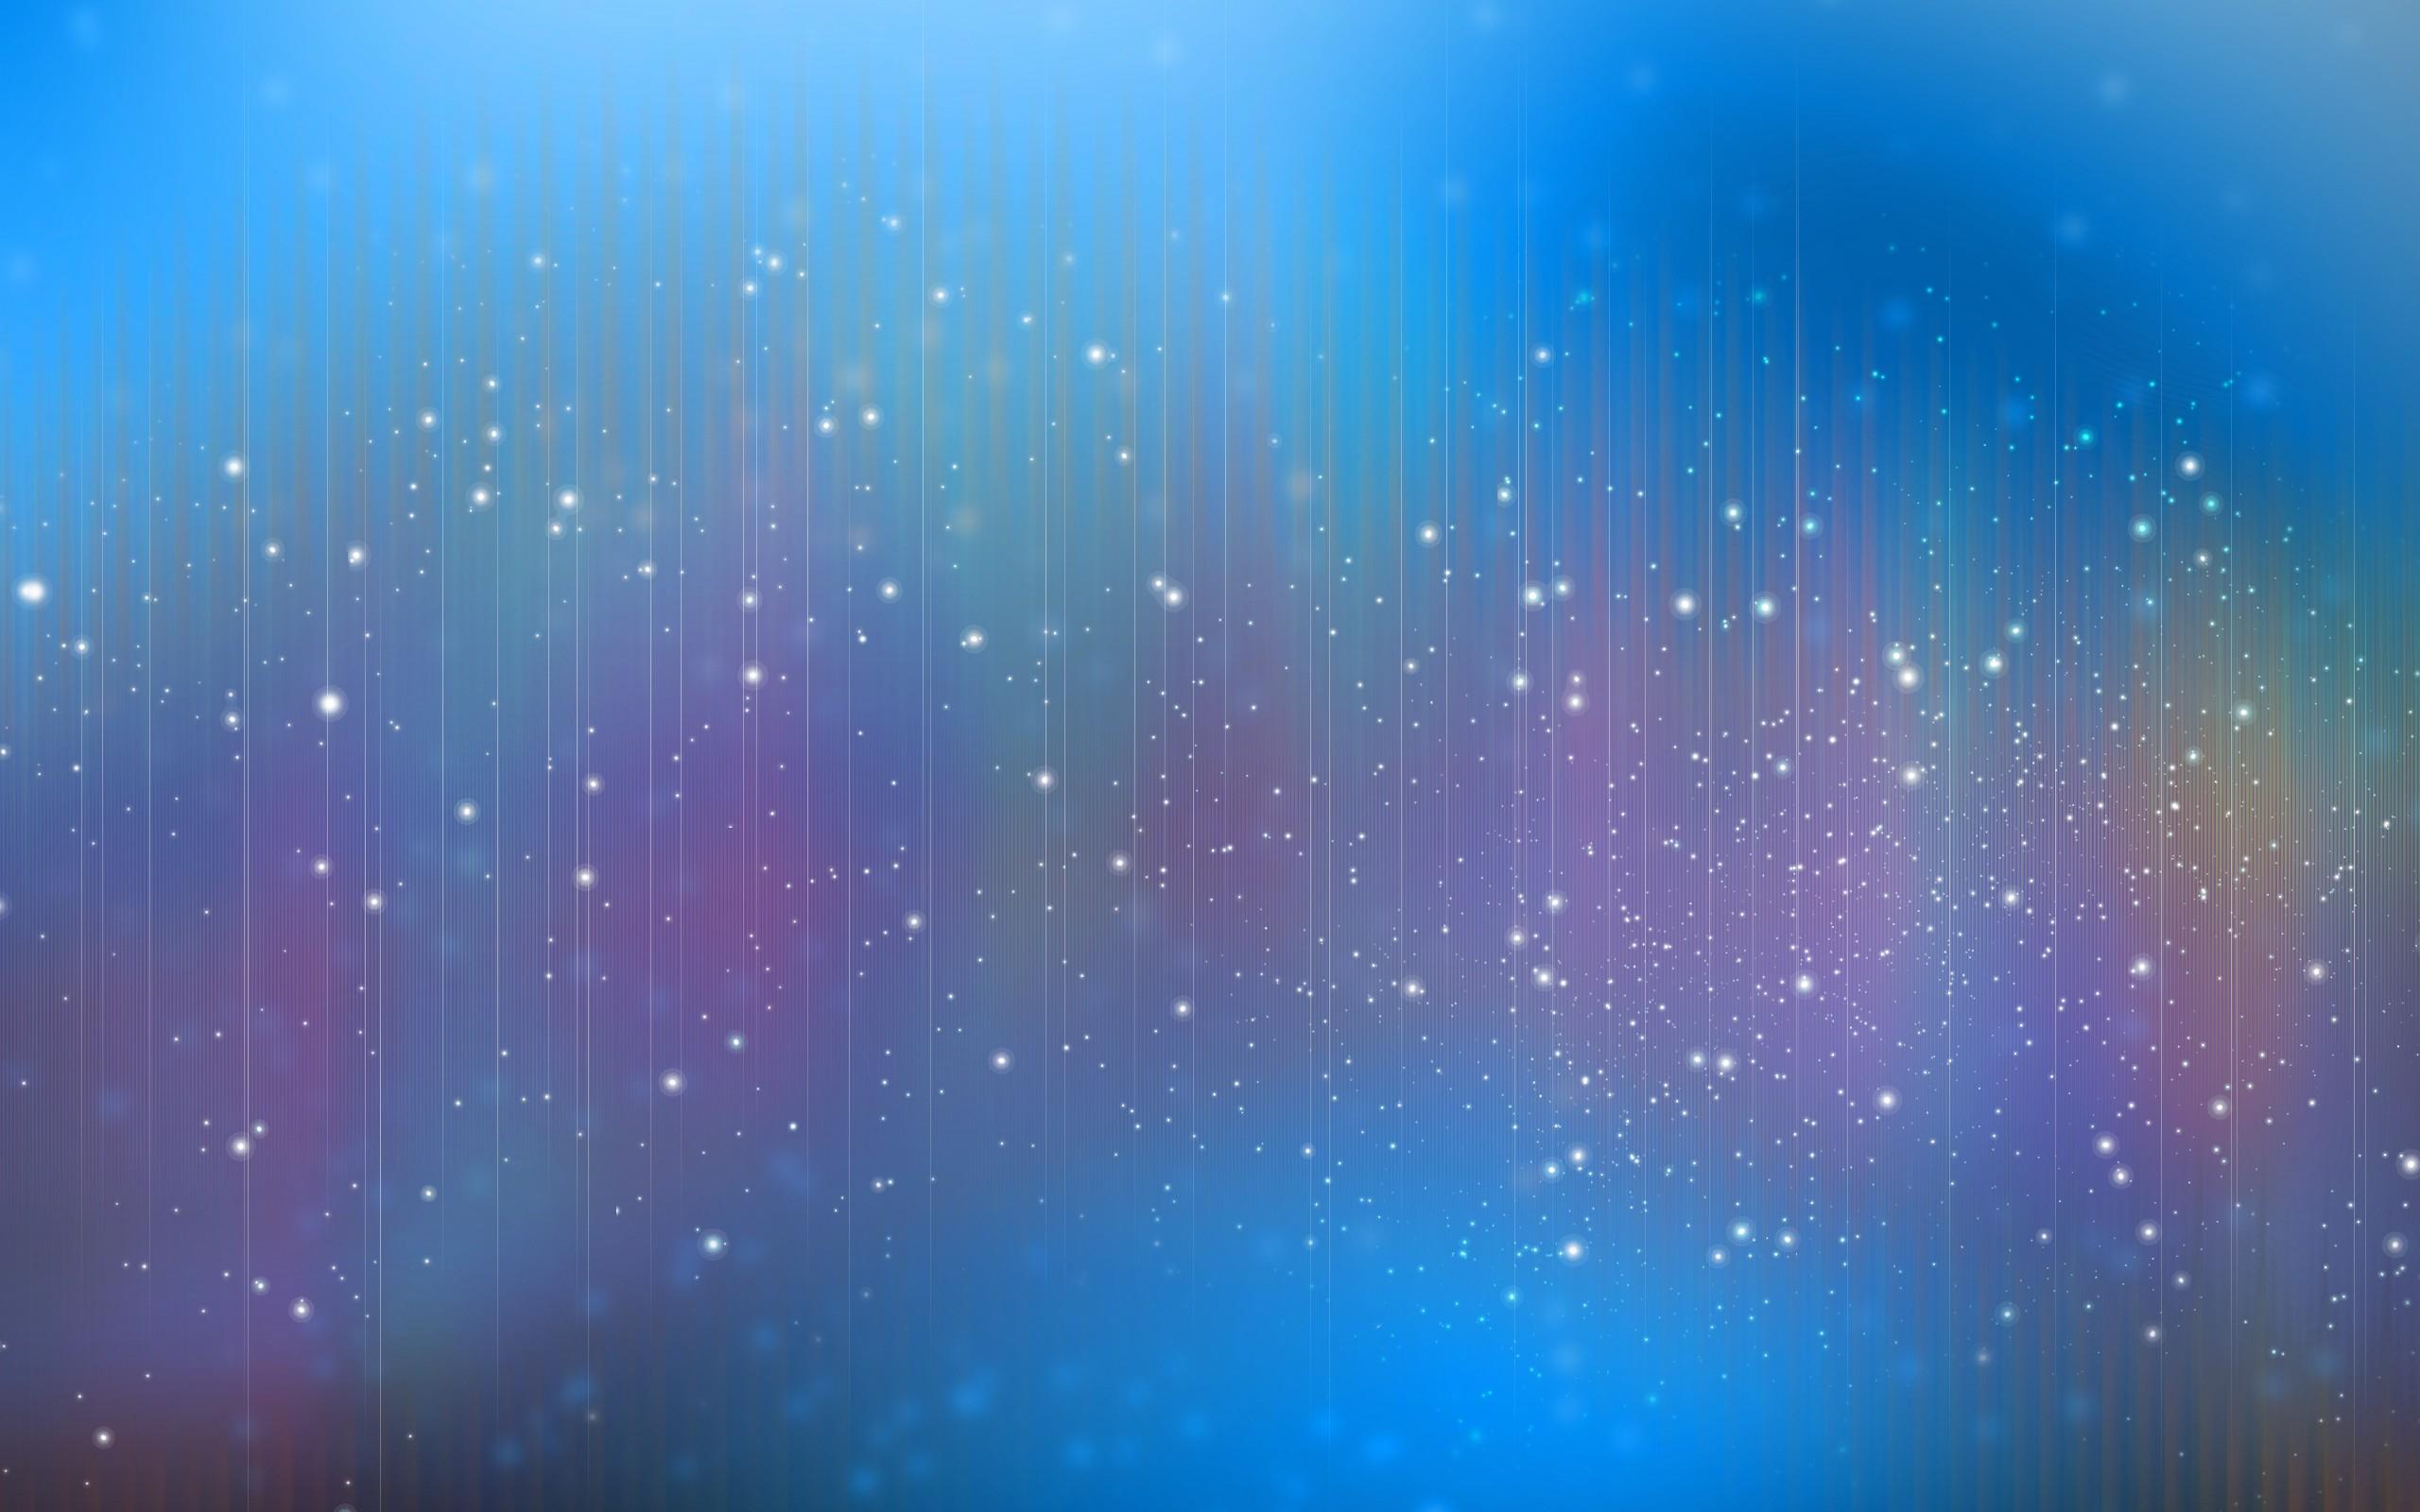 Fondo azul abstracto - 2560x1600